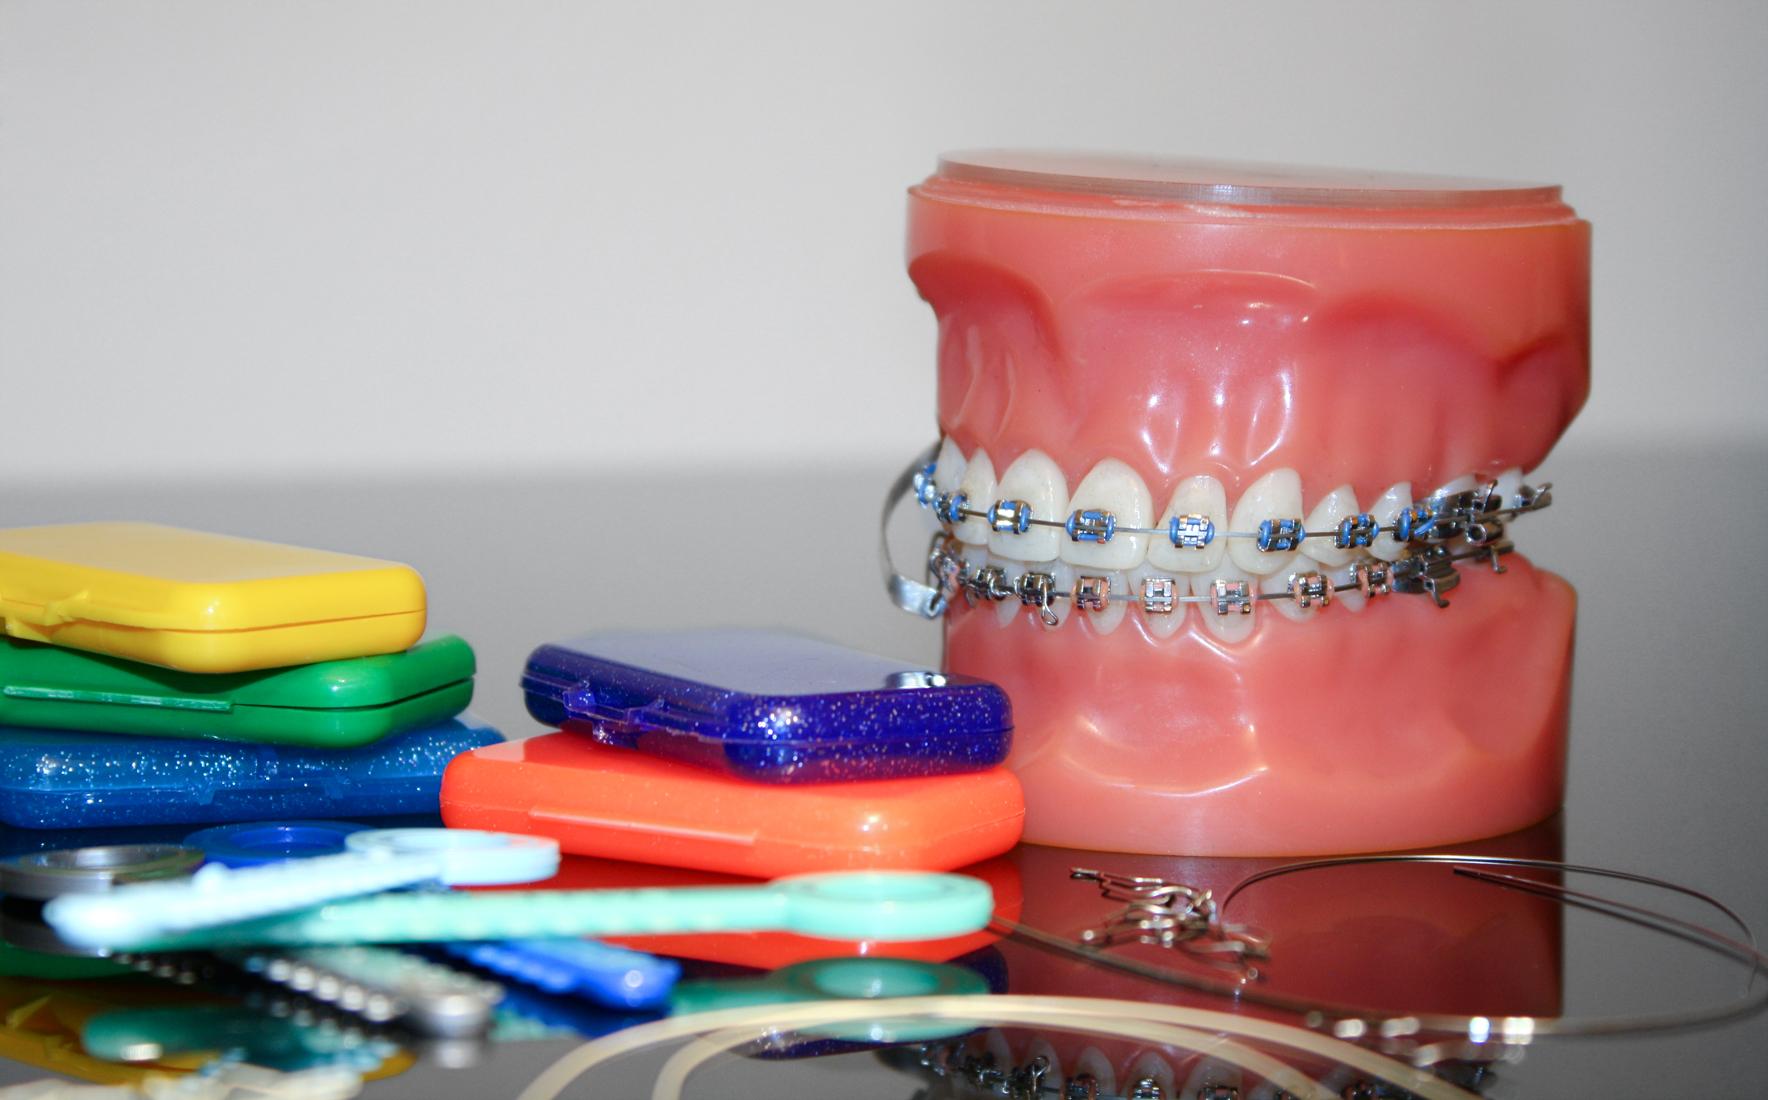 Behandlungszubehör für eine festsitzende Zahnspange